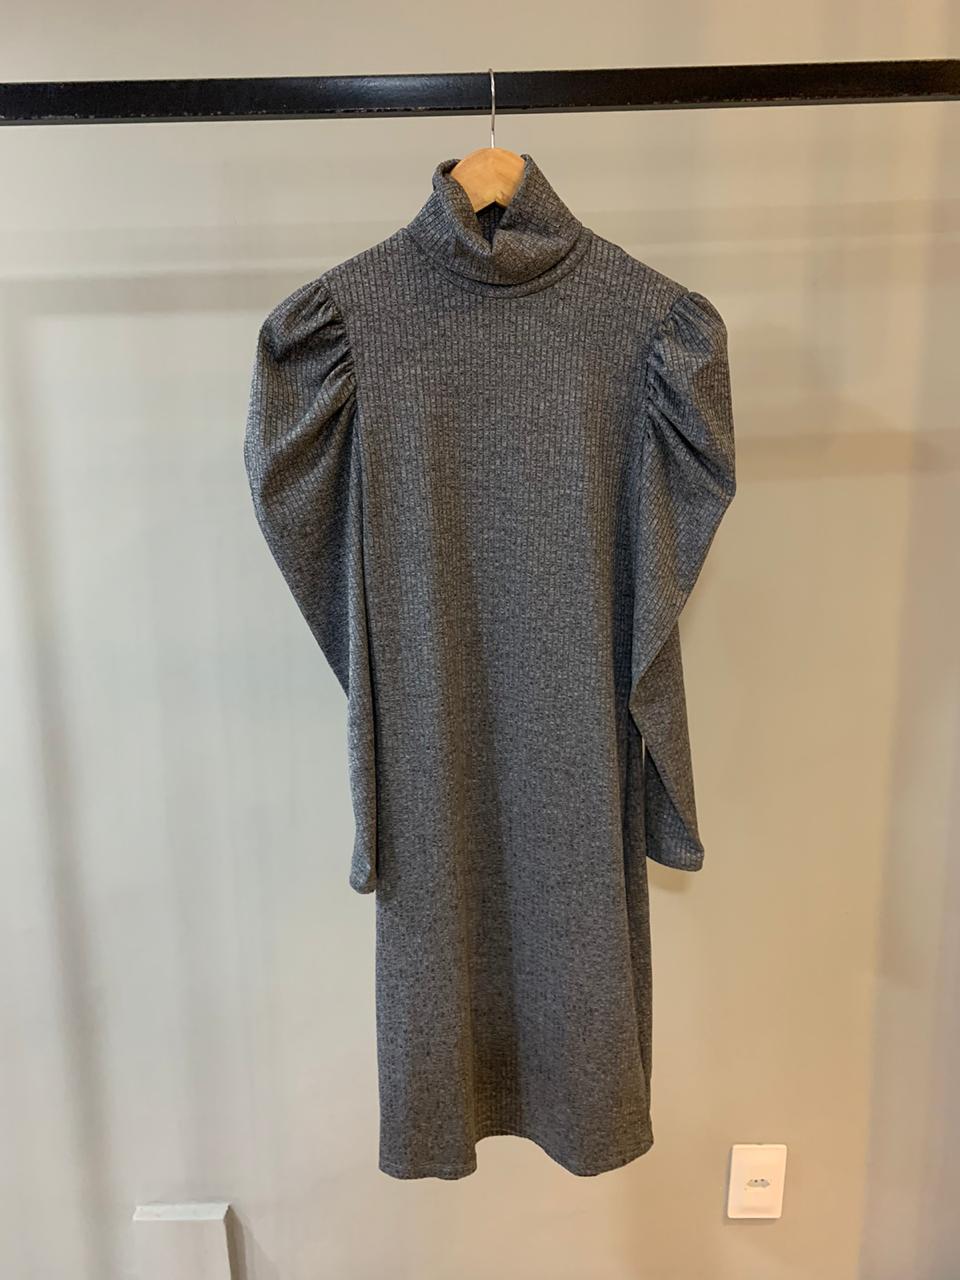 Vestido Canelado Gola Manga Bufante